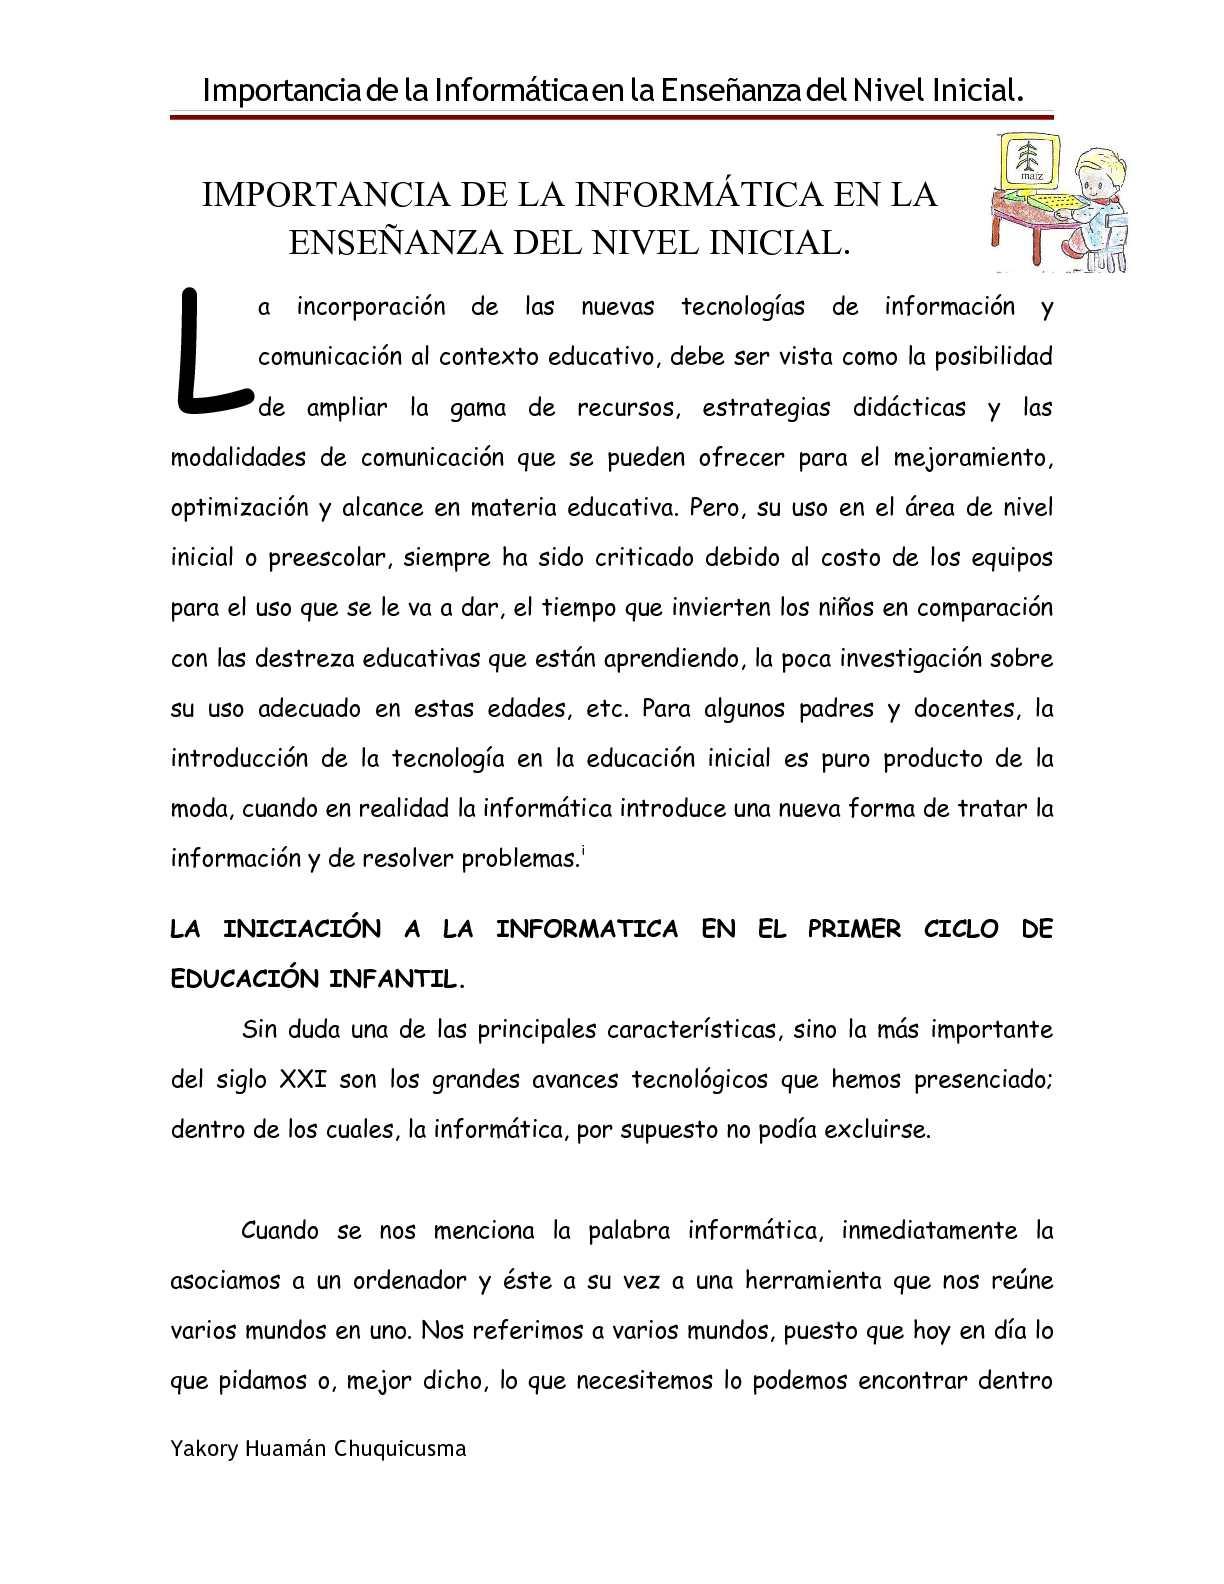 IMPORTANCIA DE LA INFORMÁTICA EN LA ENSEÑANZA DEL NIVEL INICIAL